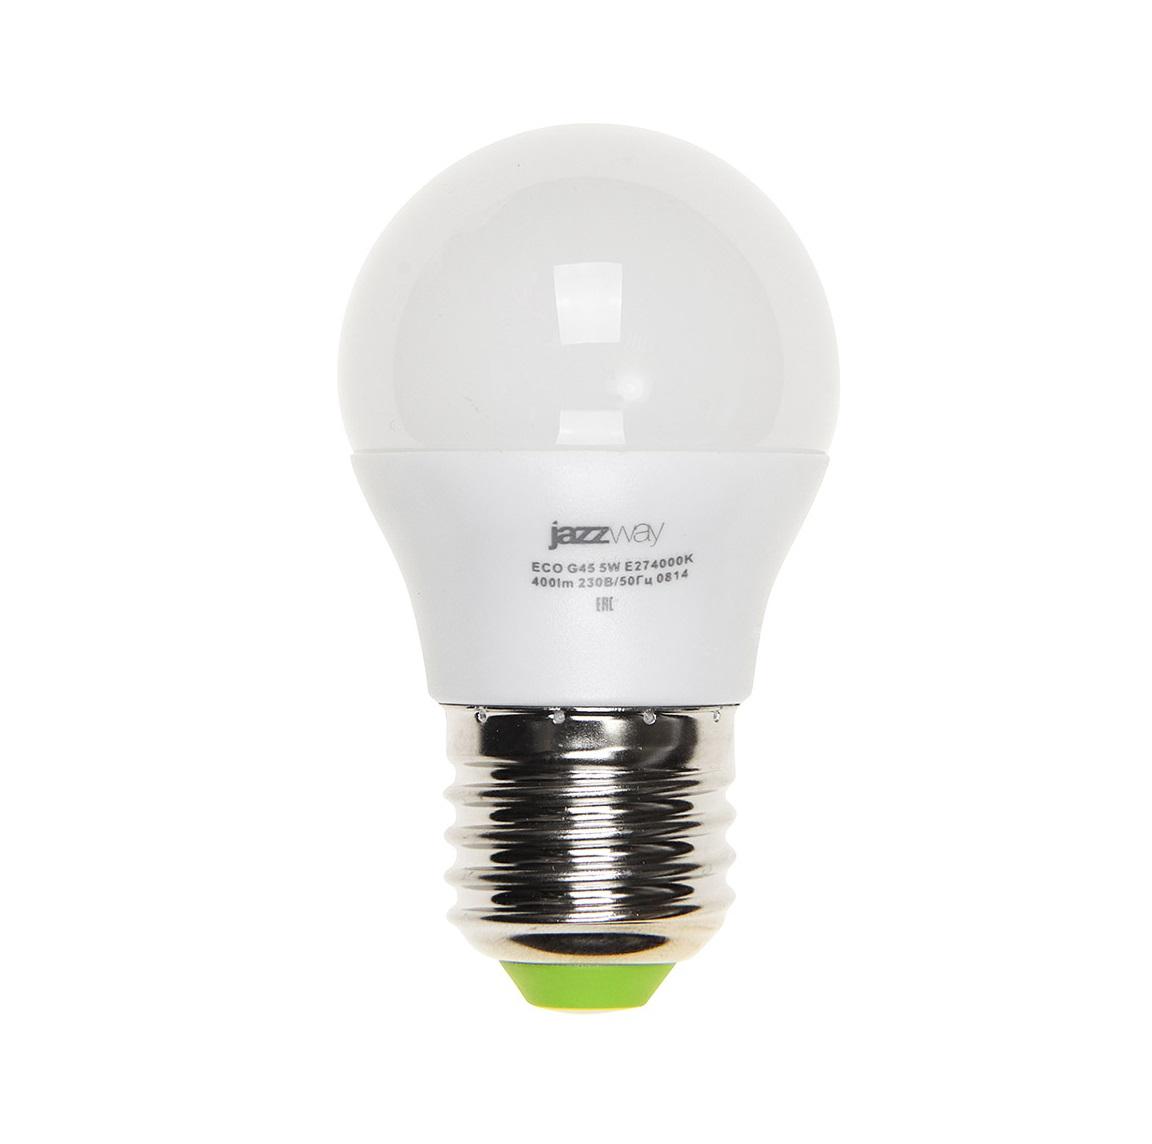 Лампа светодиодная JazzwayЛампы<br>Тип лампы: светодиодная,<br>Форма лампы: шар,<br>Цвет колбы: белая,<br>Тип цоколя: Е27,<br>Напряжение: 220,<br>Мощность: 5,<br>Цветовая температура: 3000,<br>Цвет свечения: нейтральный<br>